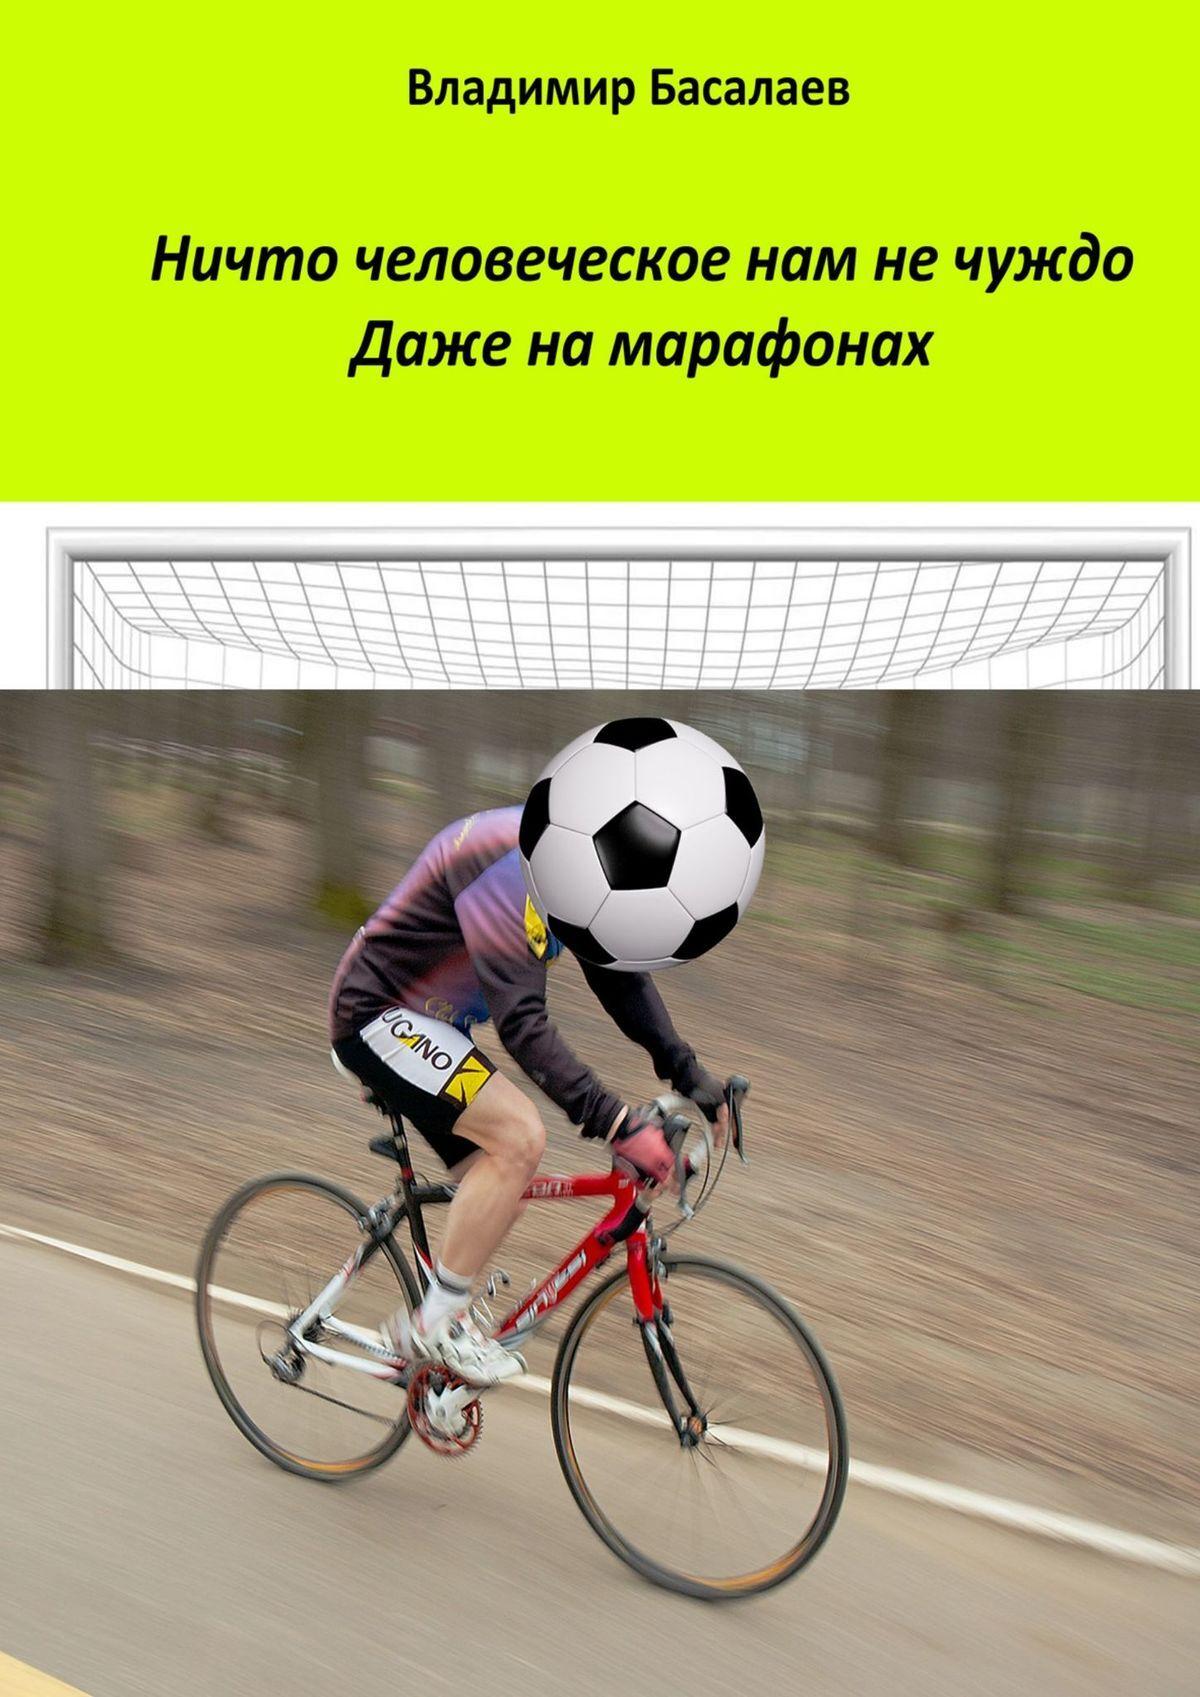 Владимир Басалаев Ничто человеческое нам не чуждо. Даже на марафонах